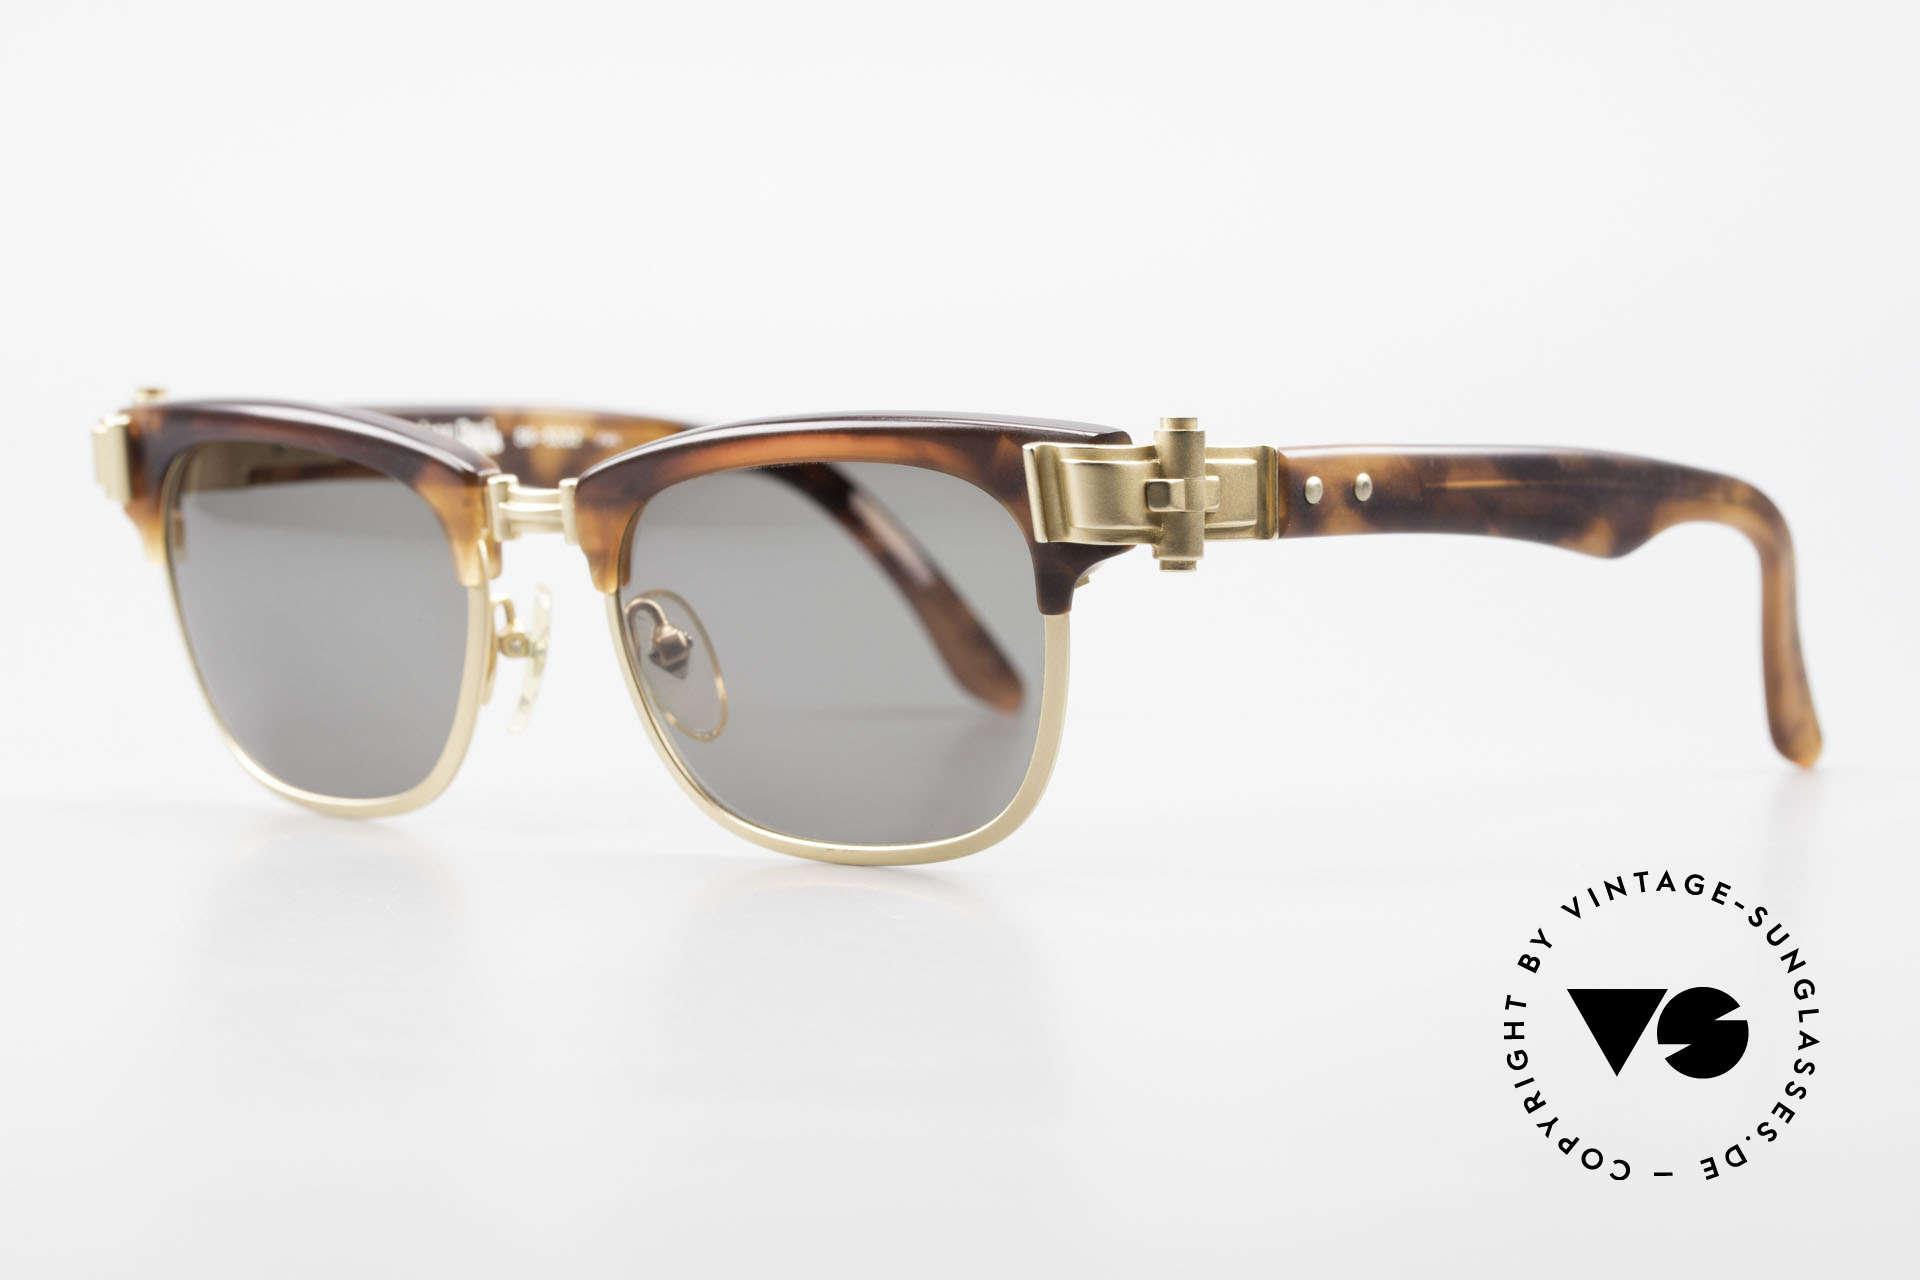 Jean Paul Gaultier 56-5202 JPG Designer Sonnenbrille, wahres Meisterstück in Sachen Qualität und Design, Passend für Herren und Damen